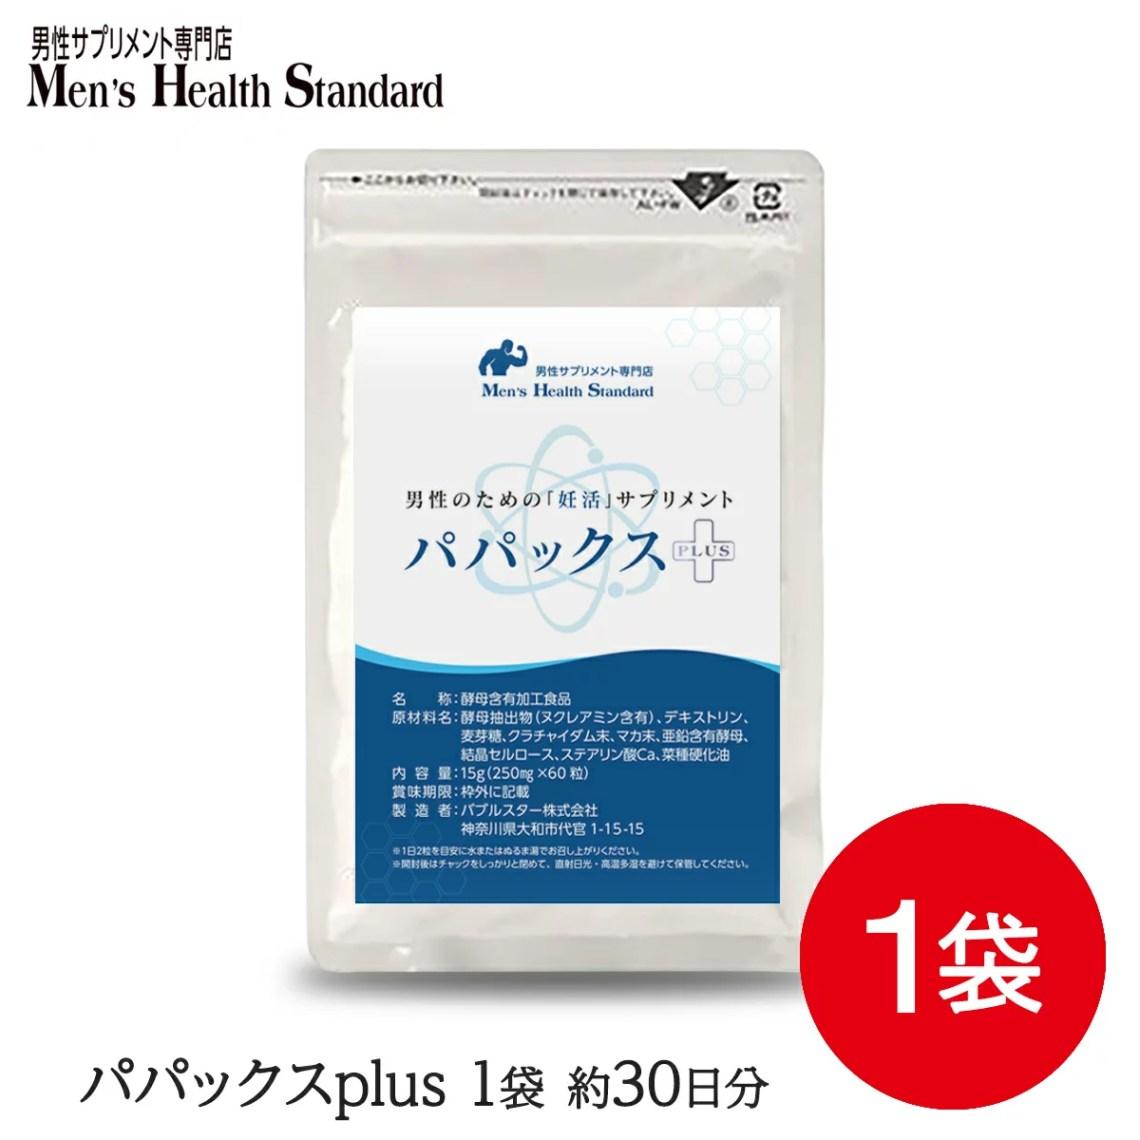 男性 妊活 サプリ パパックスplus(約1ヵ月分)精子成分 ヌクレアミン ( ポリアミン )の他、